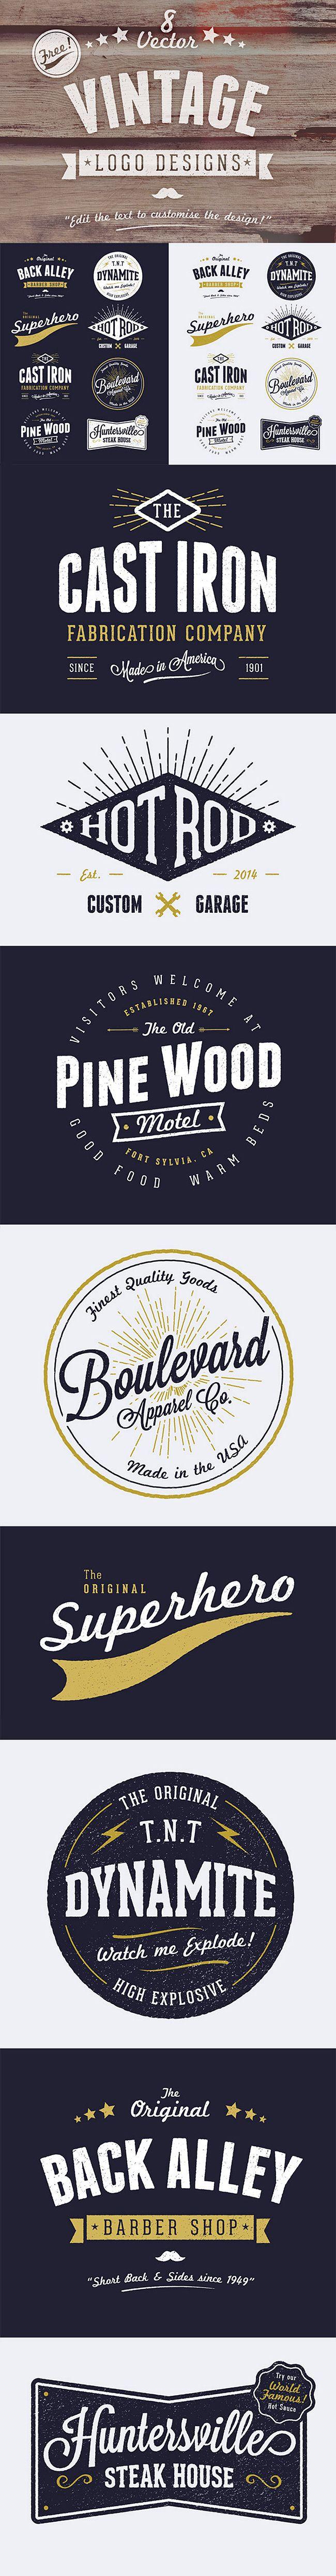 8 kostenlose Vintage-Logos als Vektordatei